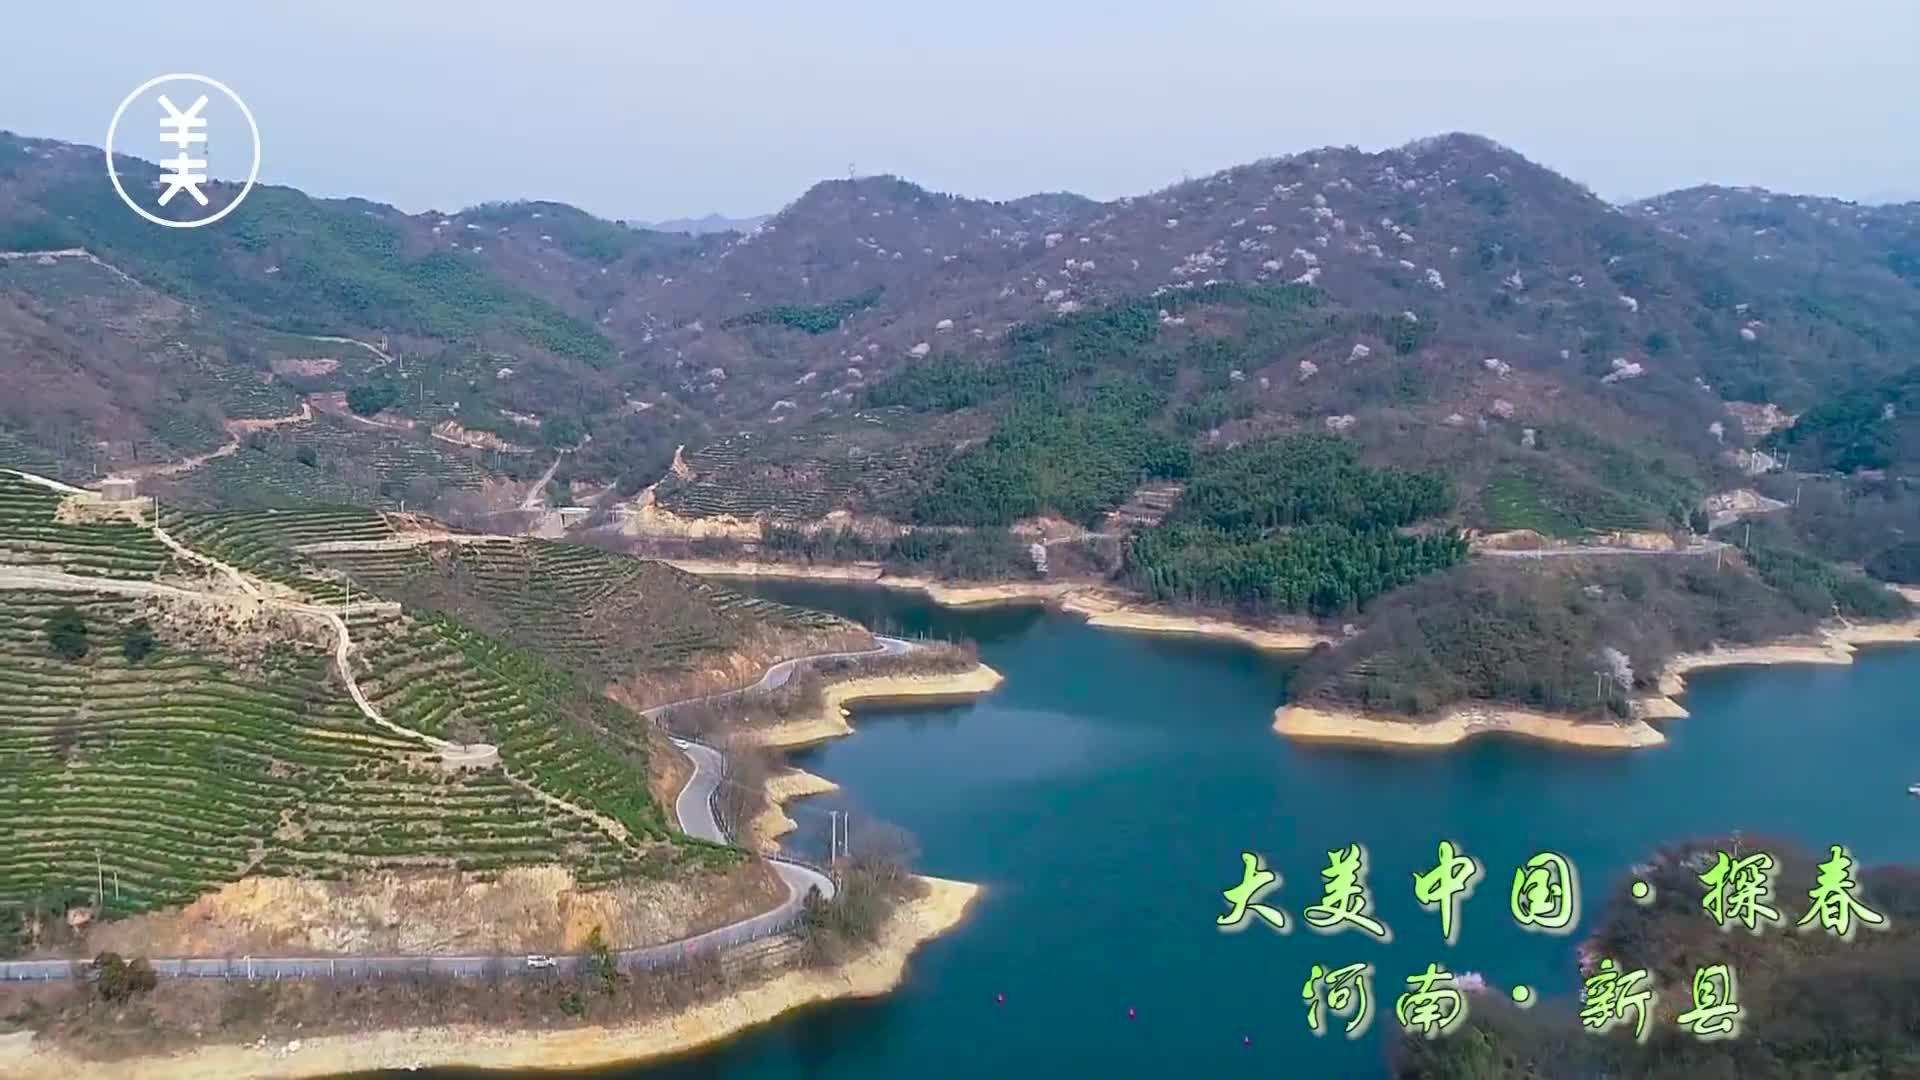 《大美中国·探春河南新县》